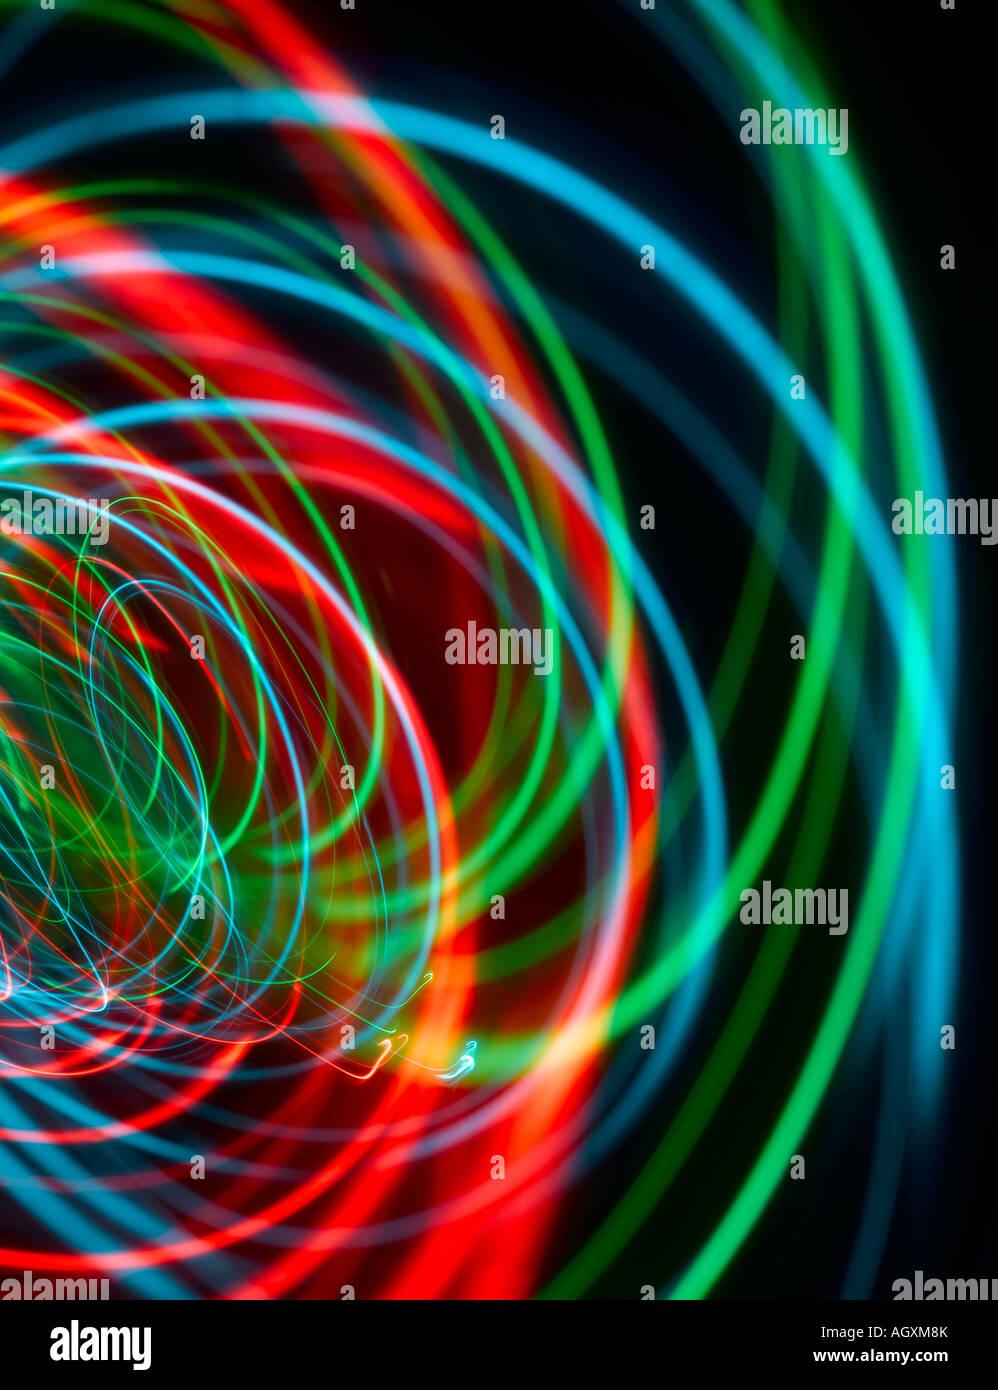 Rouge, vert et bleu de son ou des ondes de lumière Photo Stock